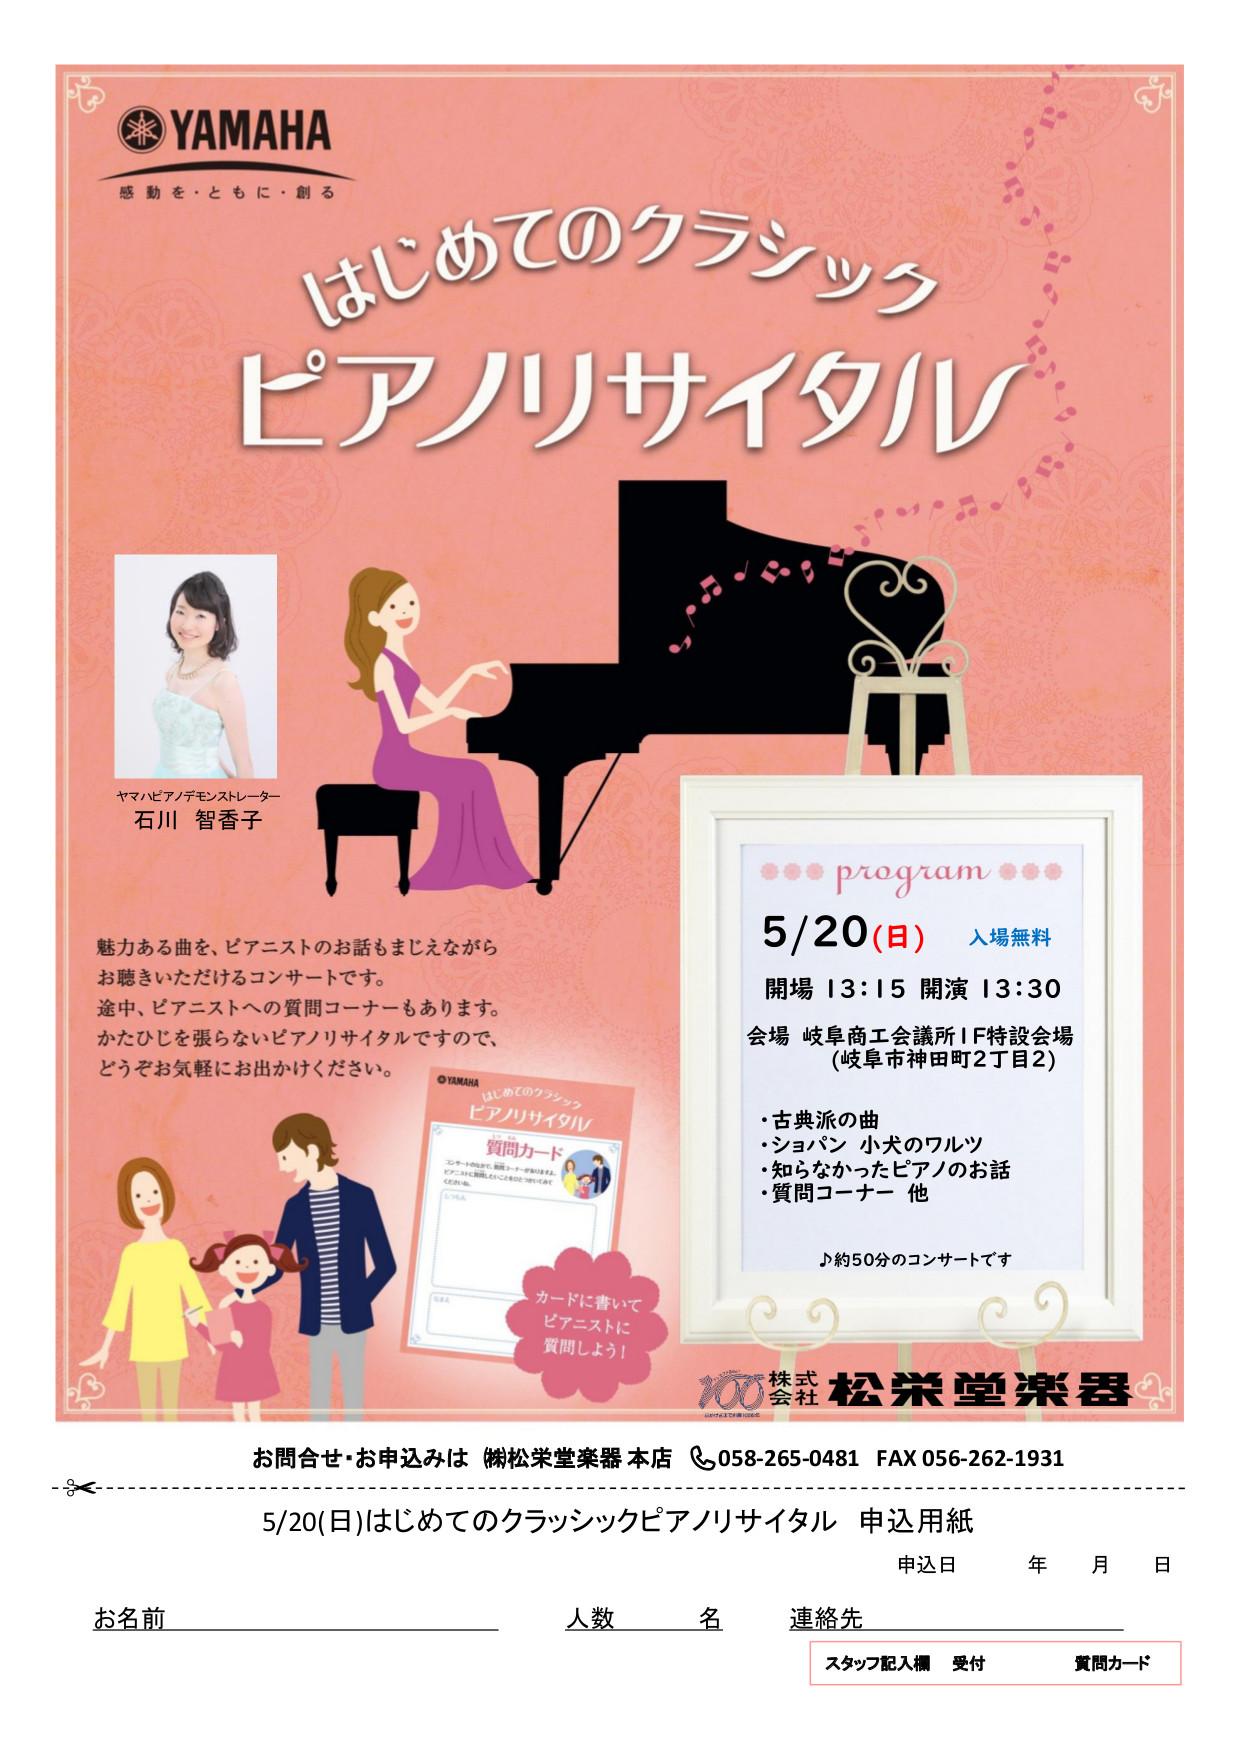 はじめてのクラシックピアノリサイタル